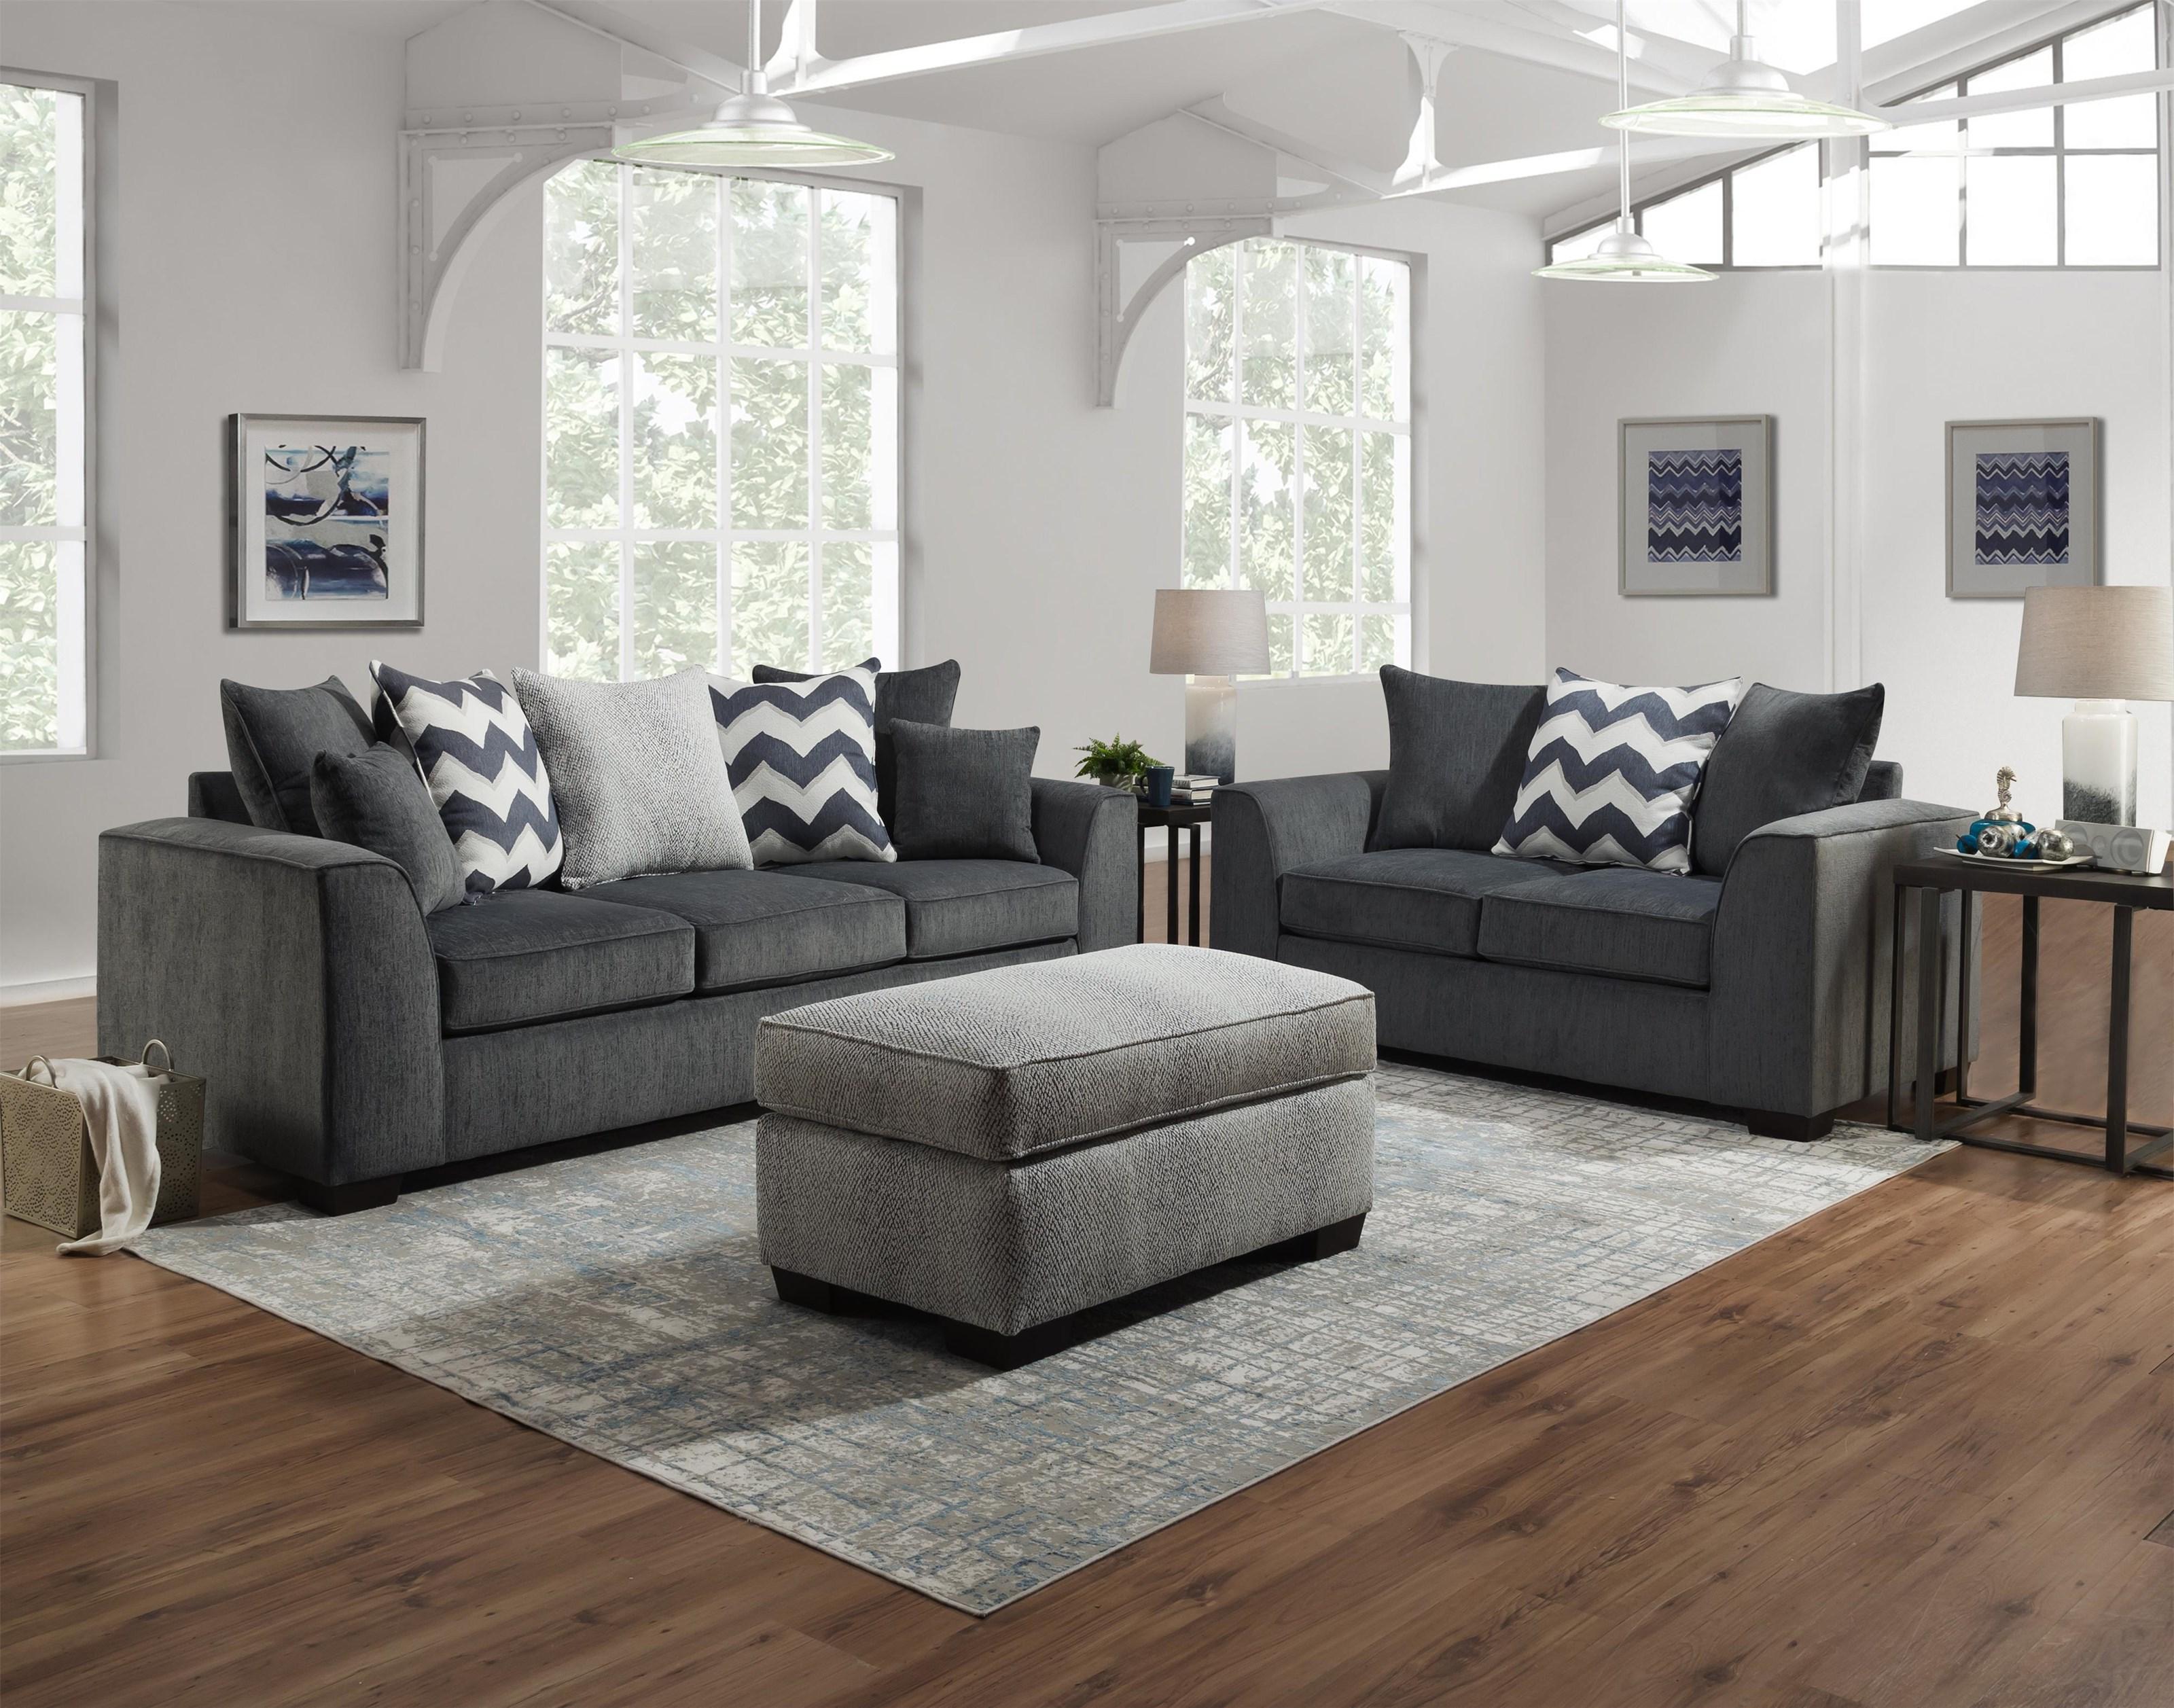 2600 Sofa by Peak Living at Darvin Furniture